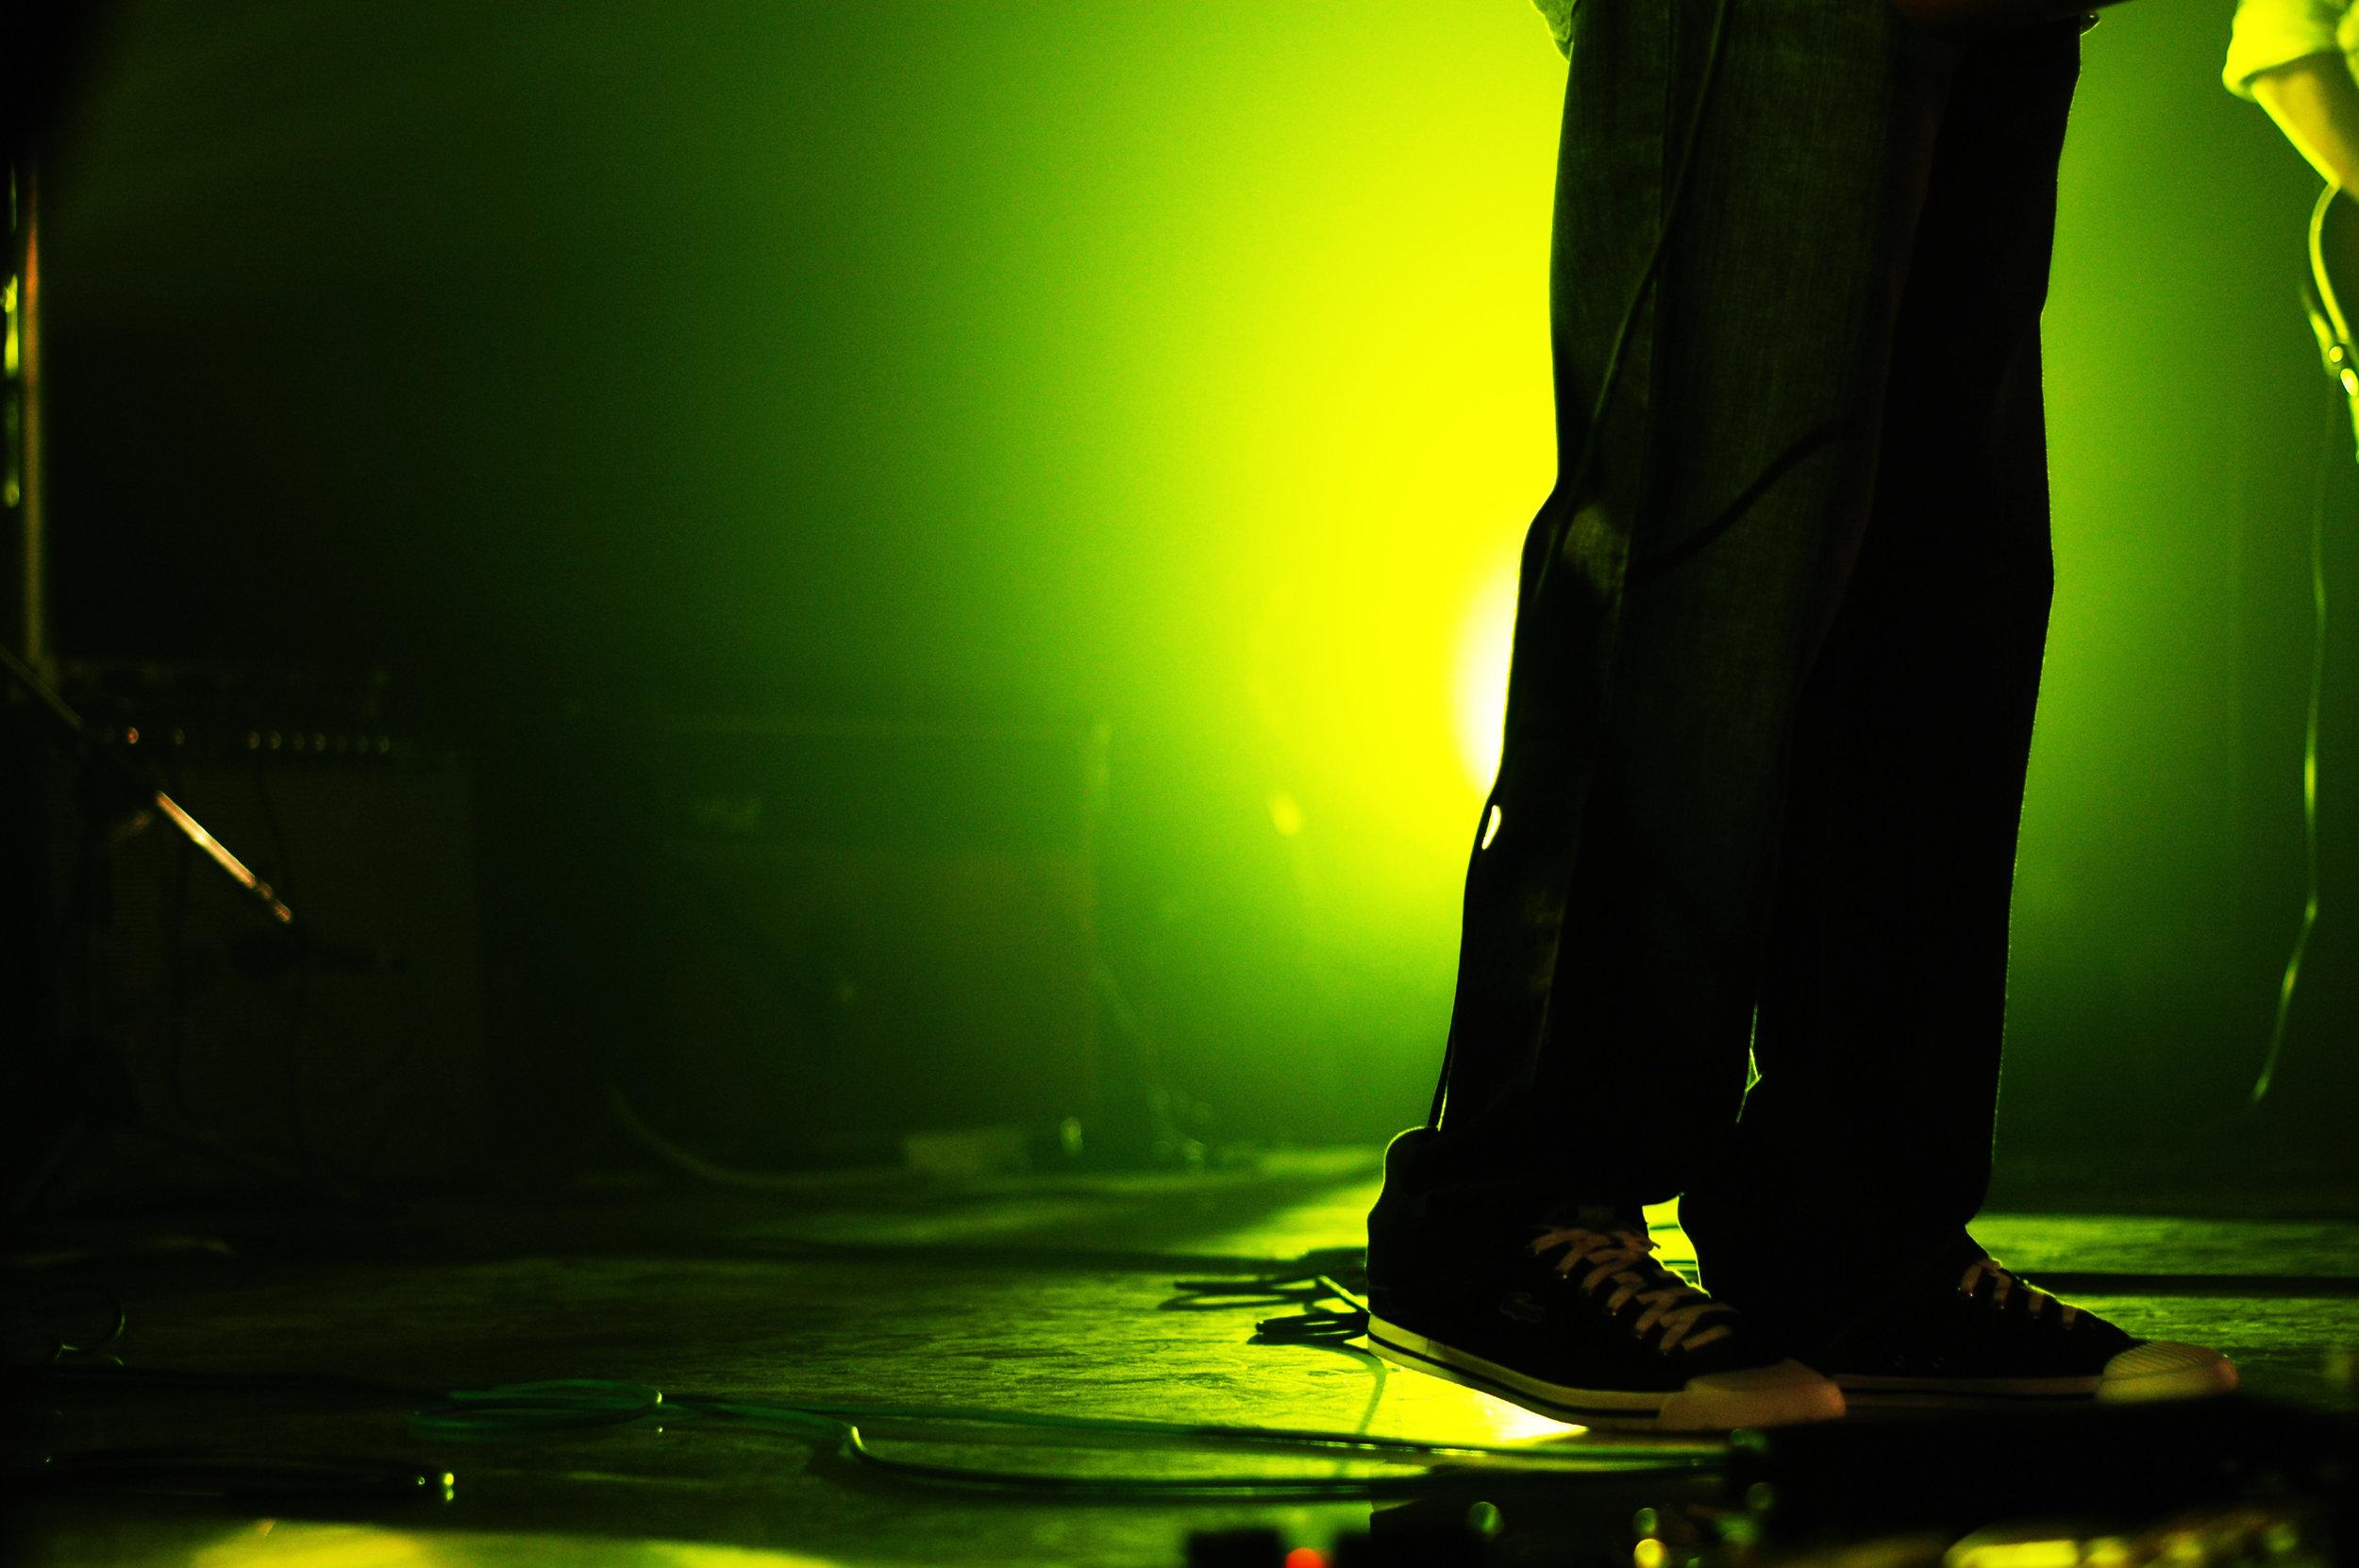 2009-08-19 - Male' City - Dharubaaruge' - Eku Ekee Album Launch - D70s--5.jpg